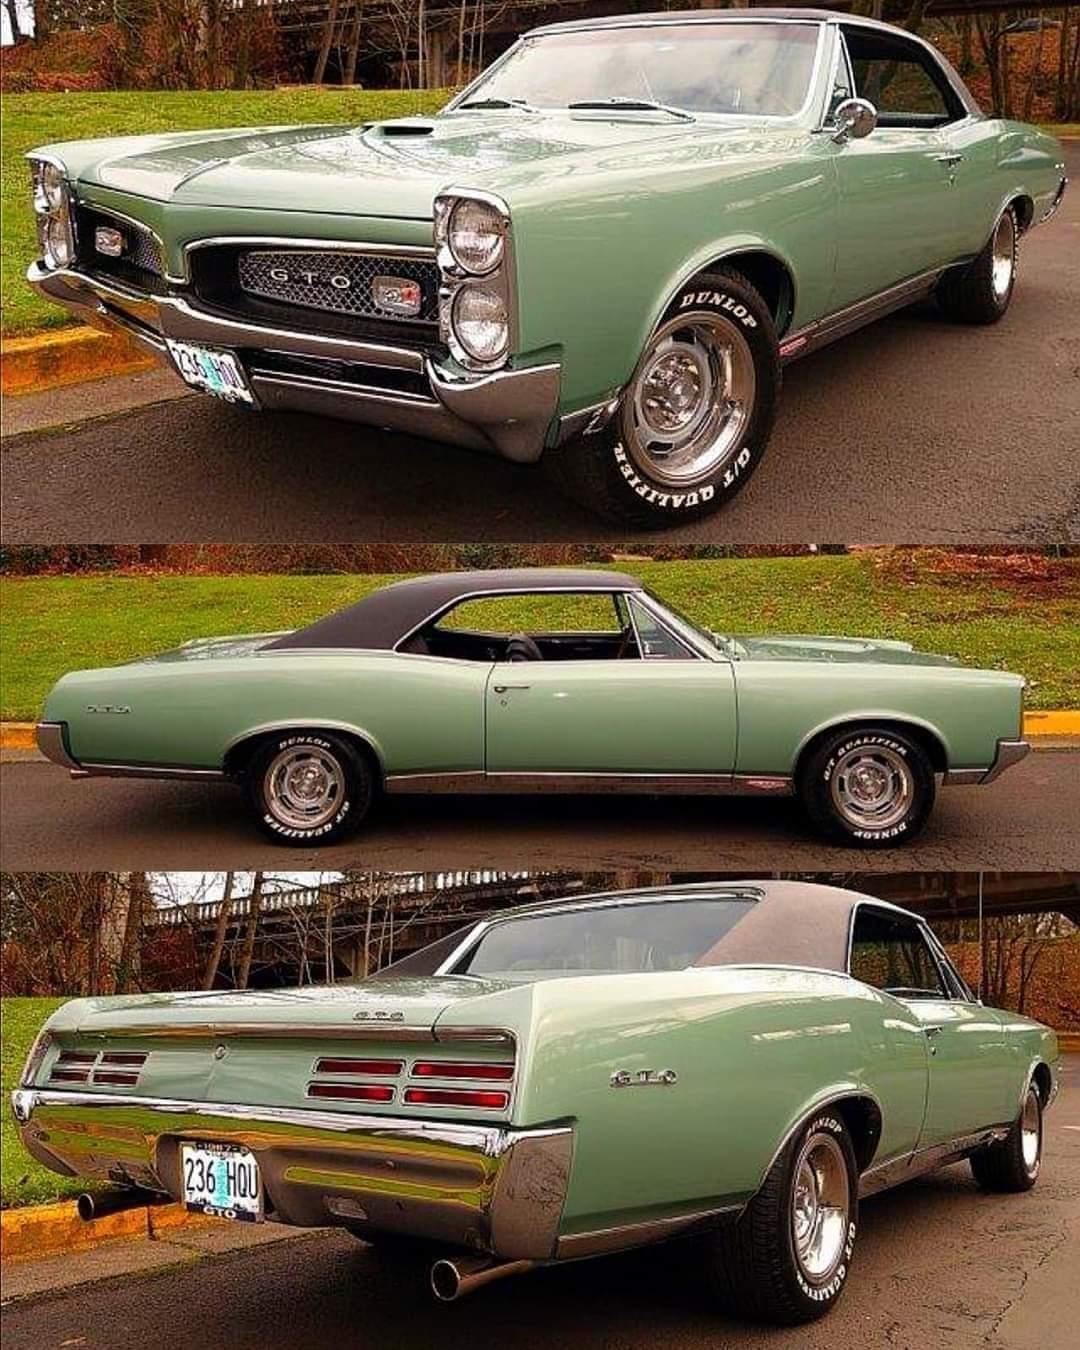 1967 Pontiac GTO https://t.co/gXJ8vb28GY